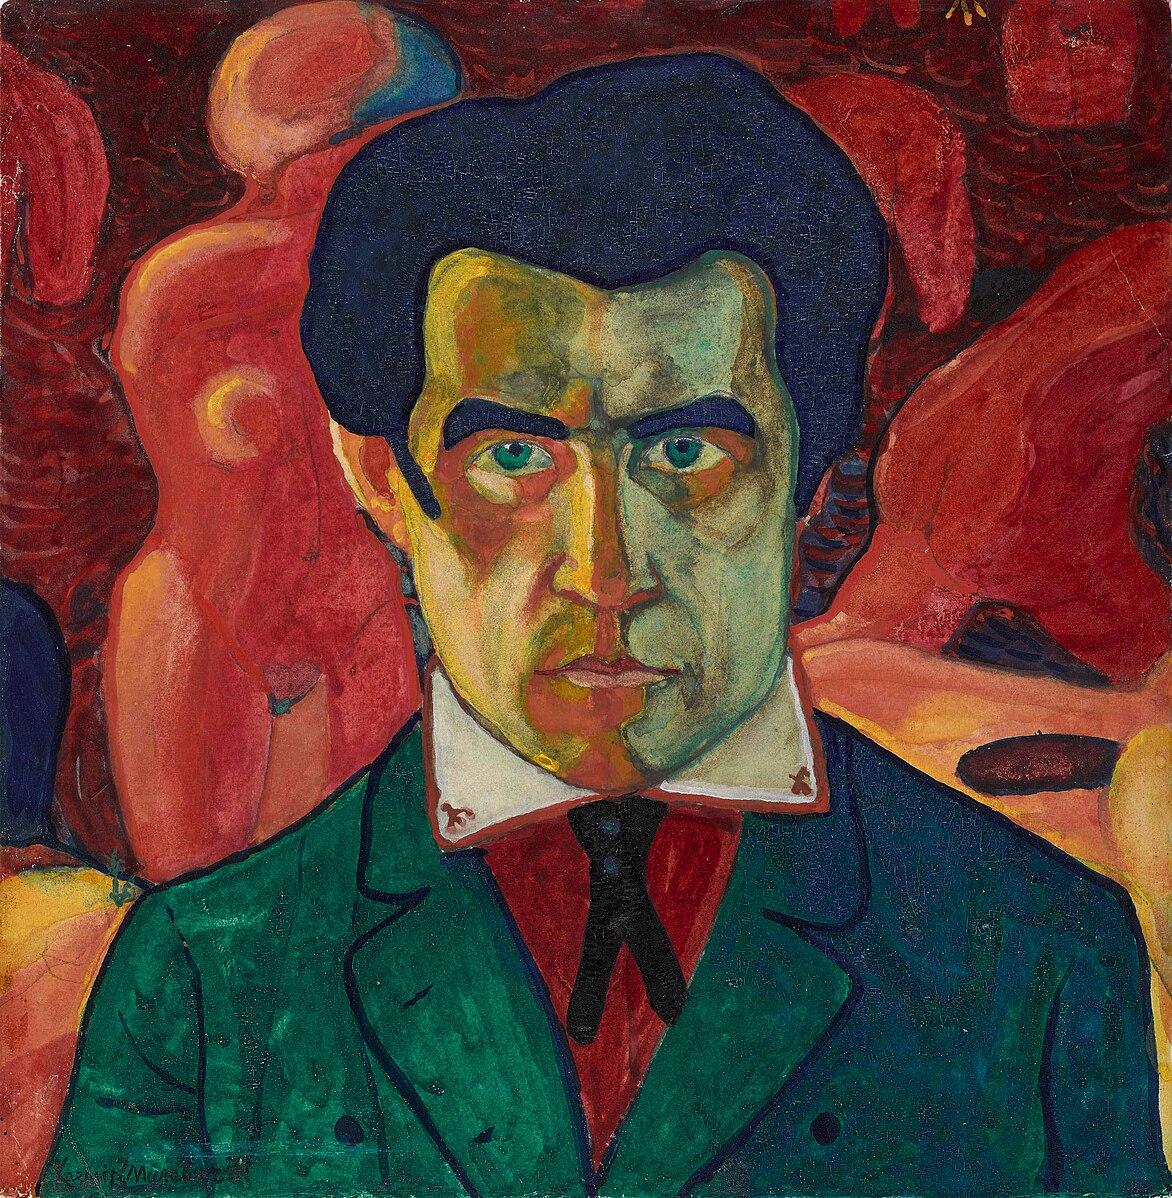 На 500 страницах мелованной бумаги репродуцируются произведения украинской живописи 11